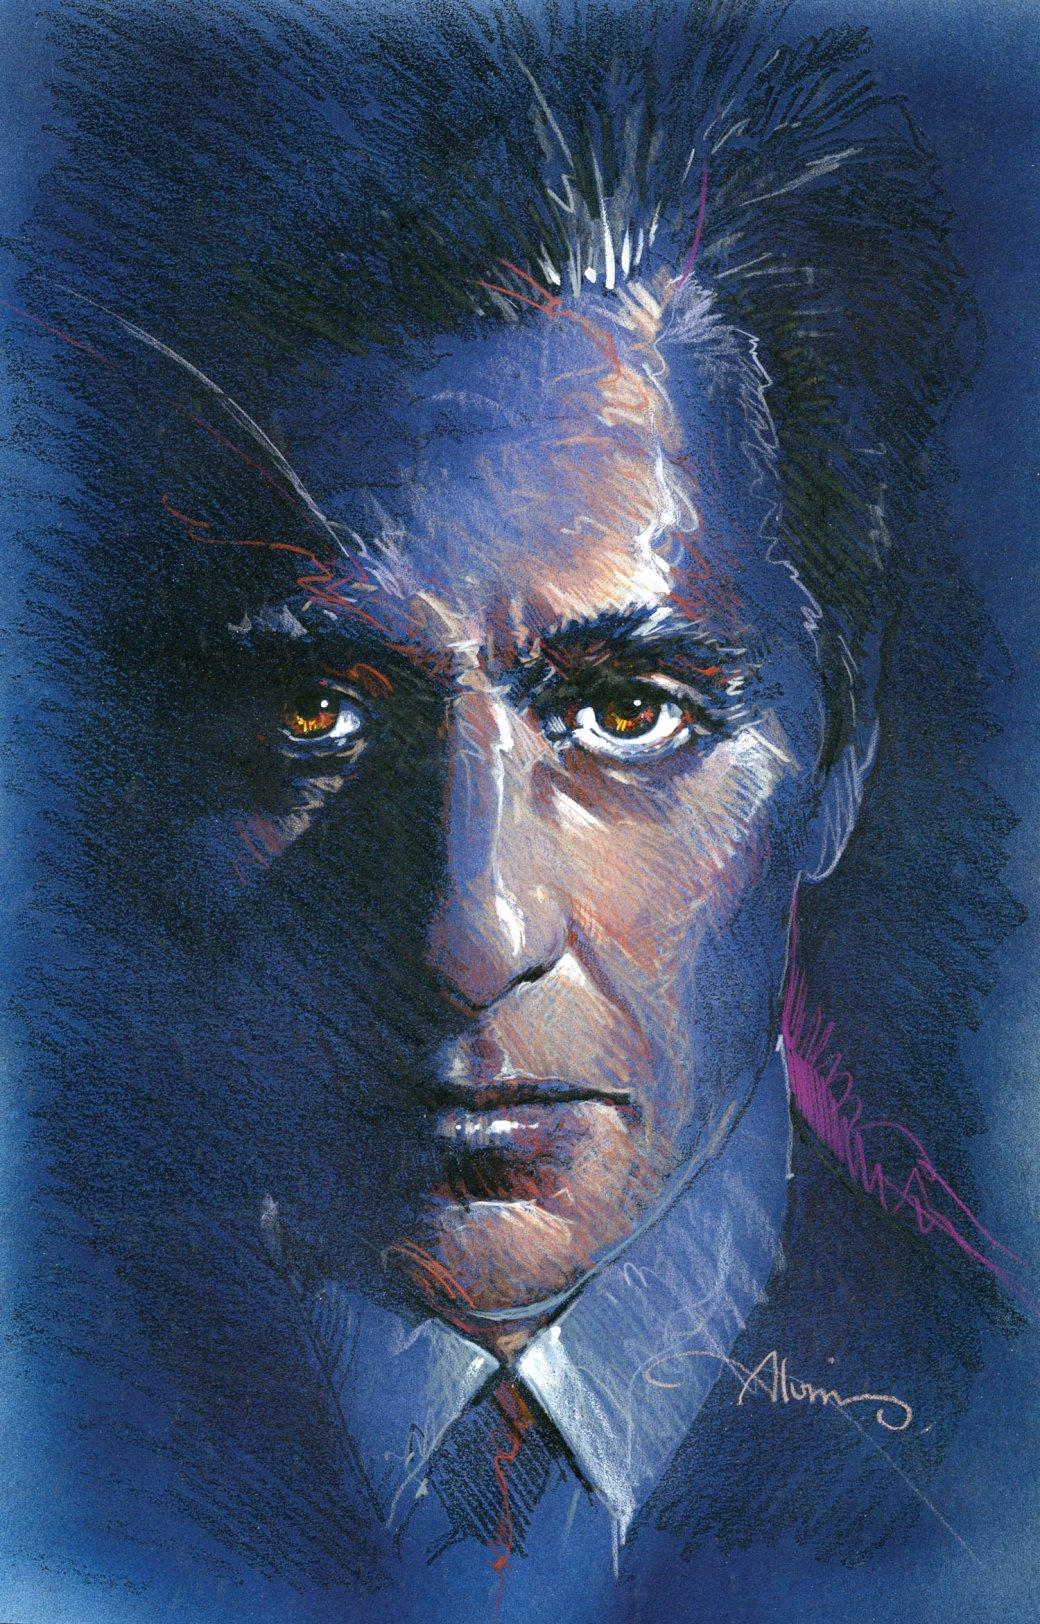 Неопубликованные постеры Джона Элвина | Канобу - Изображение 4